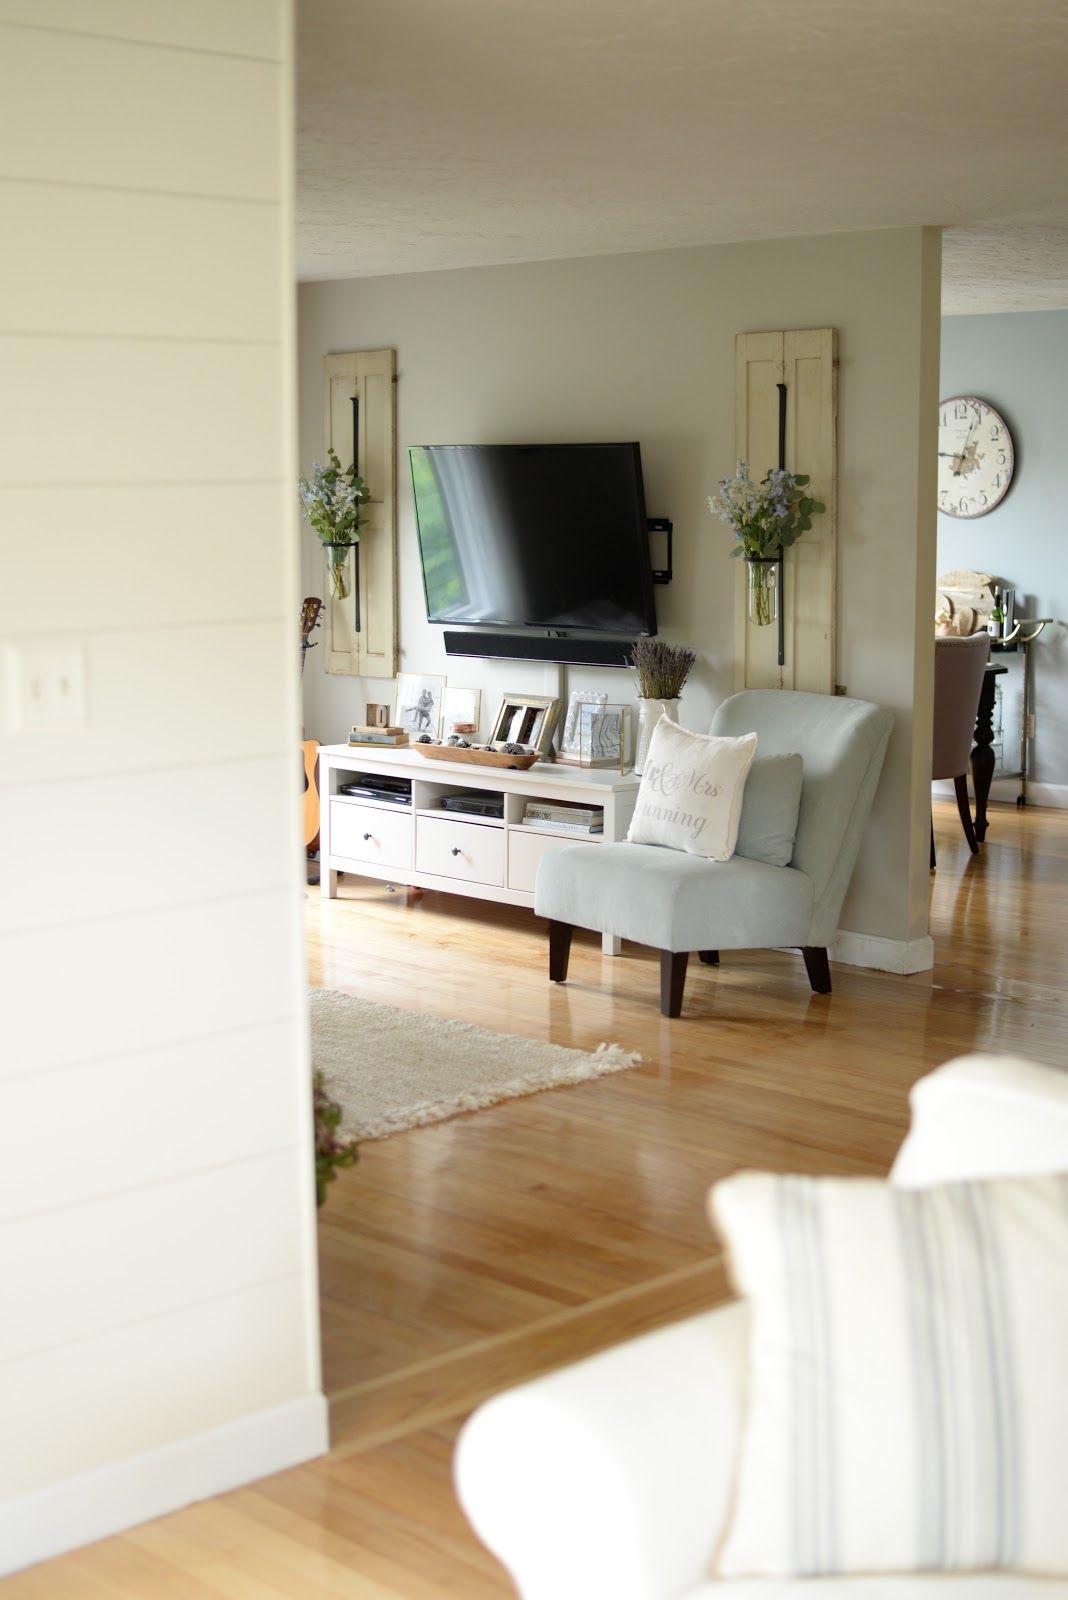 Farmhouse Living Room Setup How To Decorate Around A Flatscreen Tv